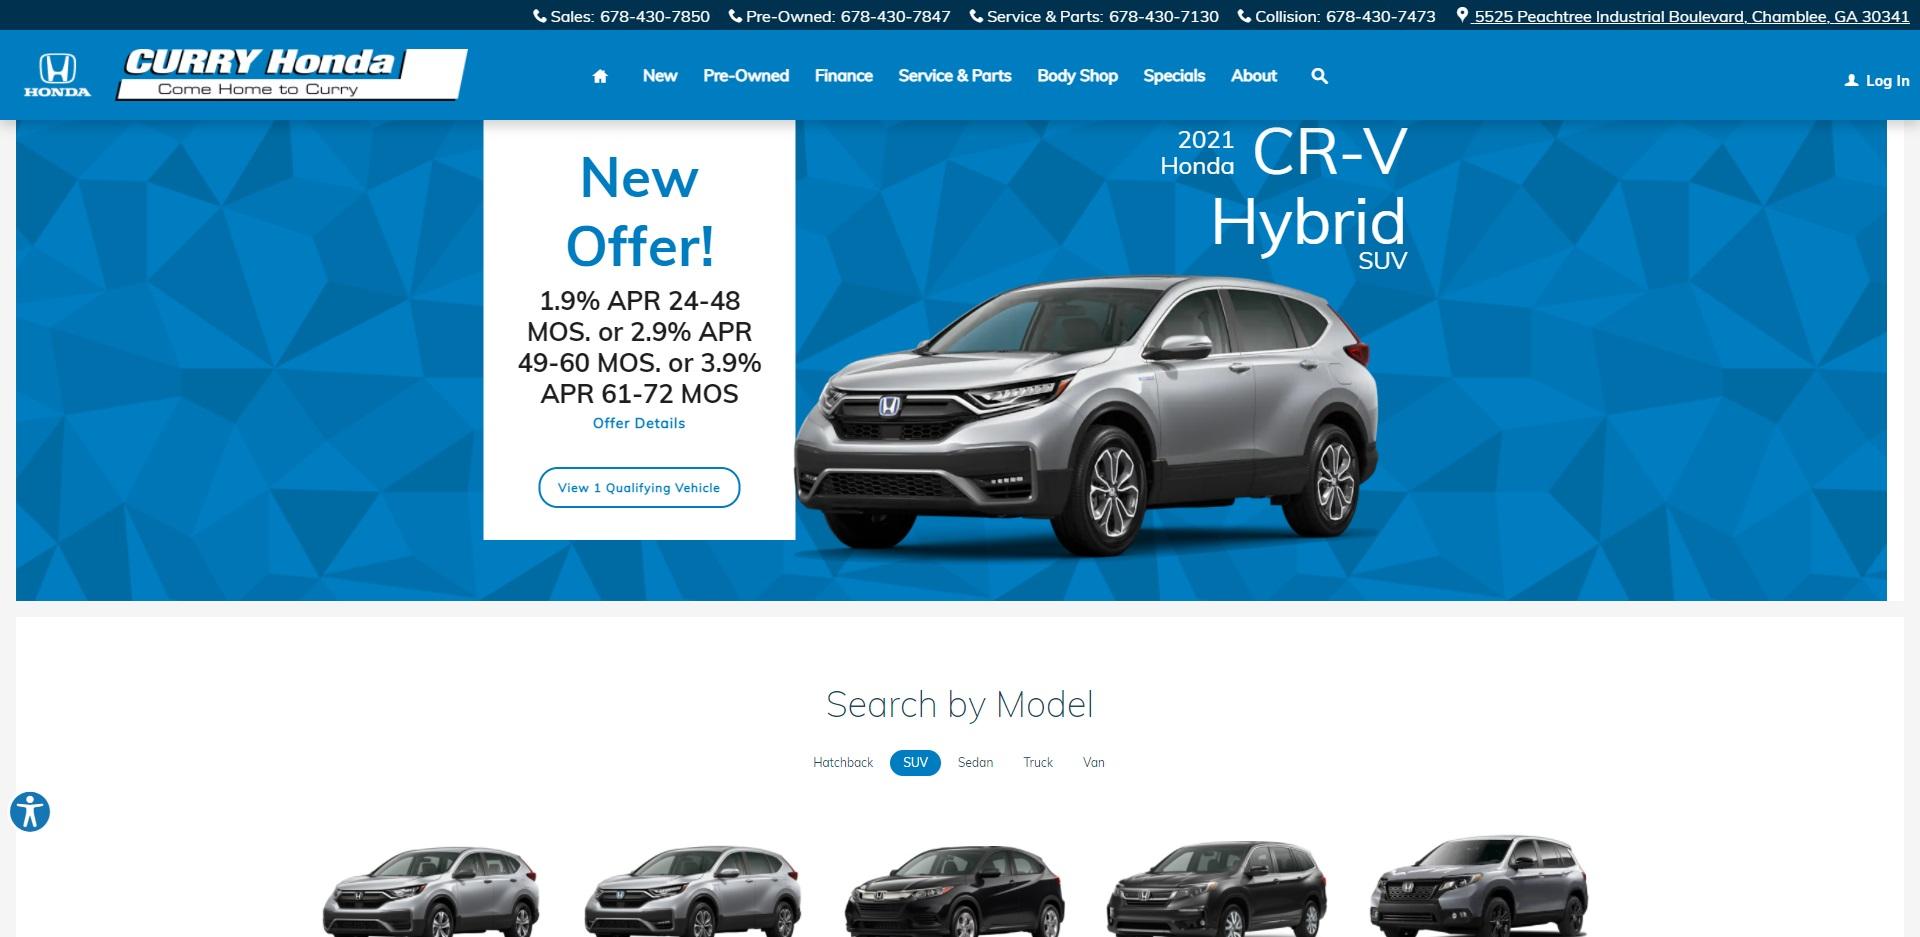 Best Honda Dealers in Atlanta, GA